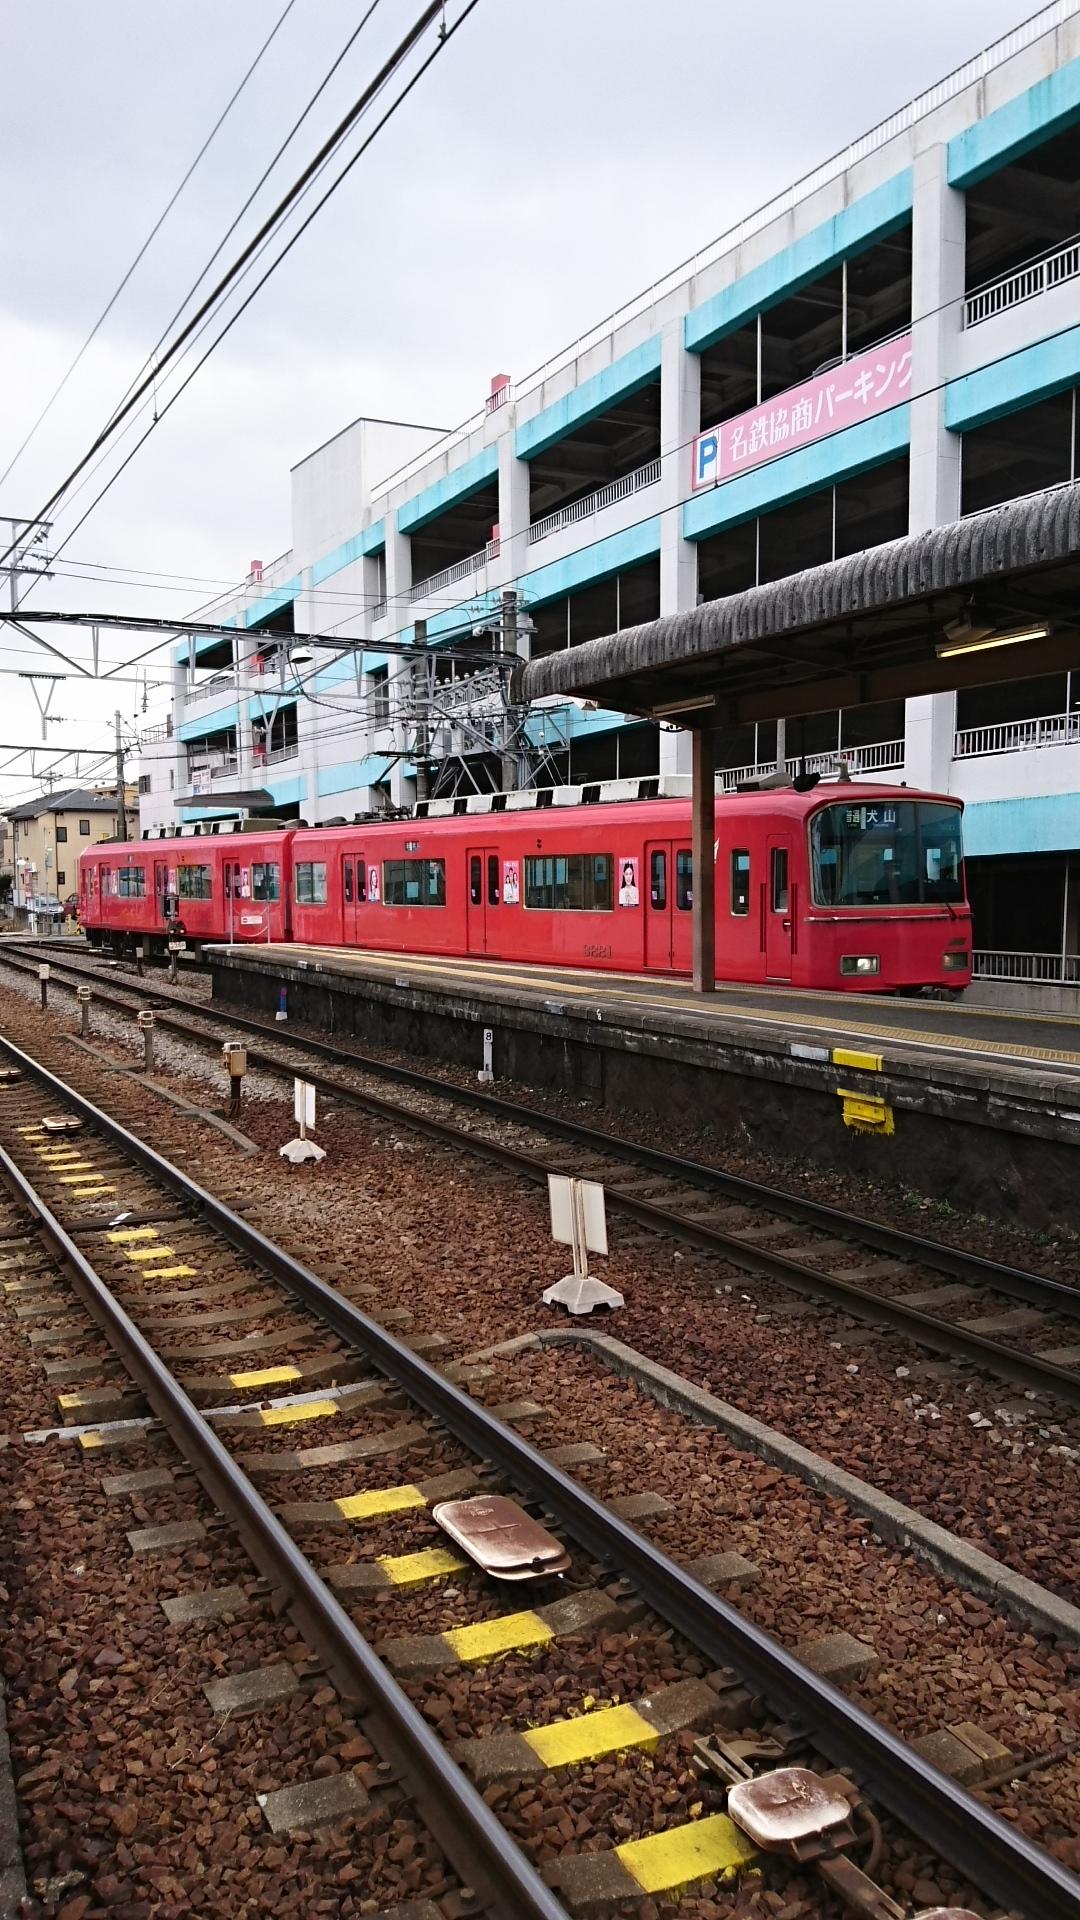 2018.2.13 豊橋 (7) 東岡崎 - 犬山いきふつう 1080-1920